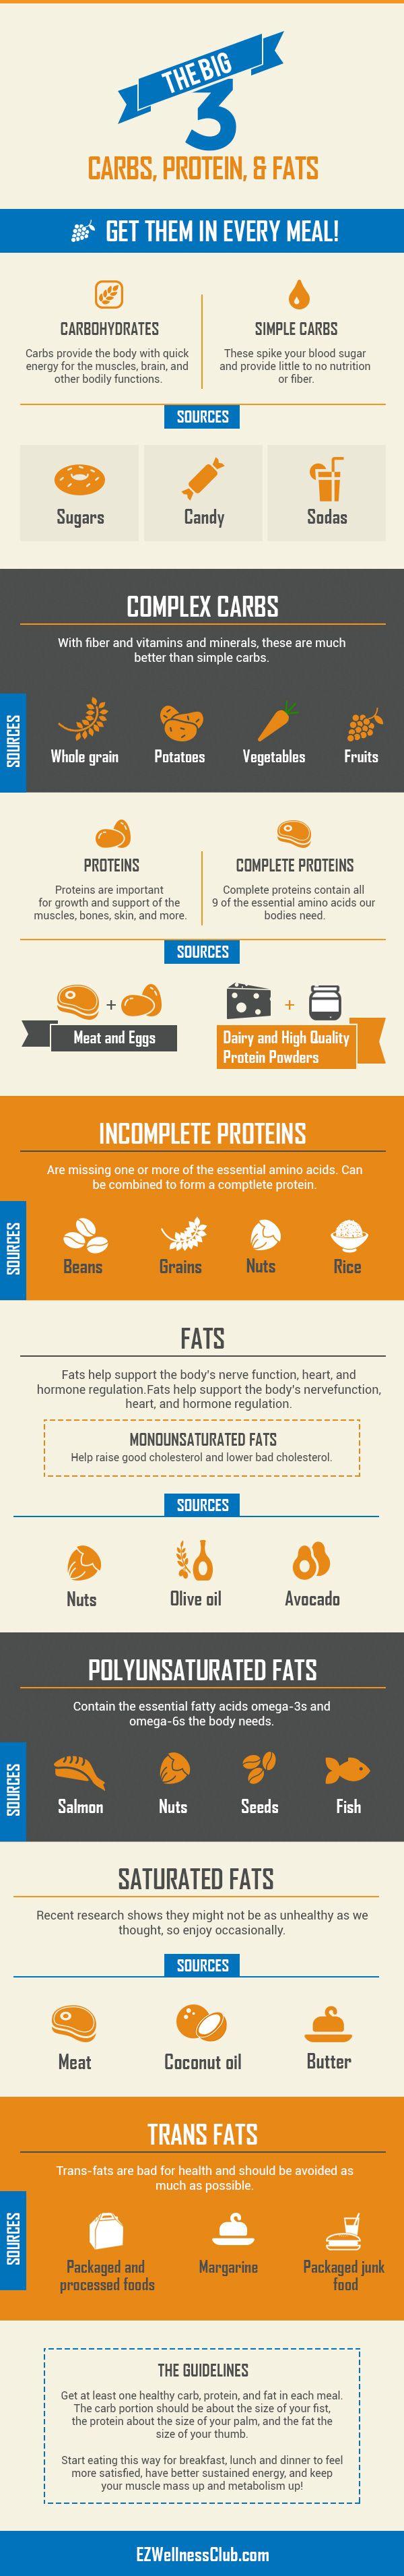 Can you take metformin to lose weight